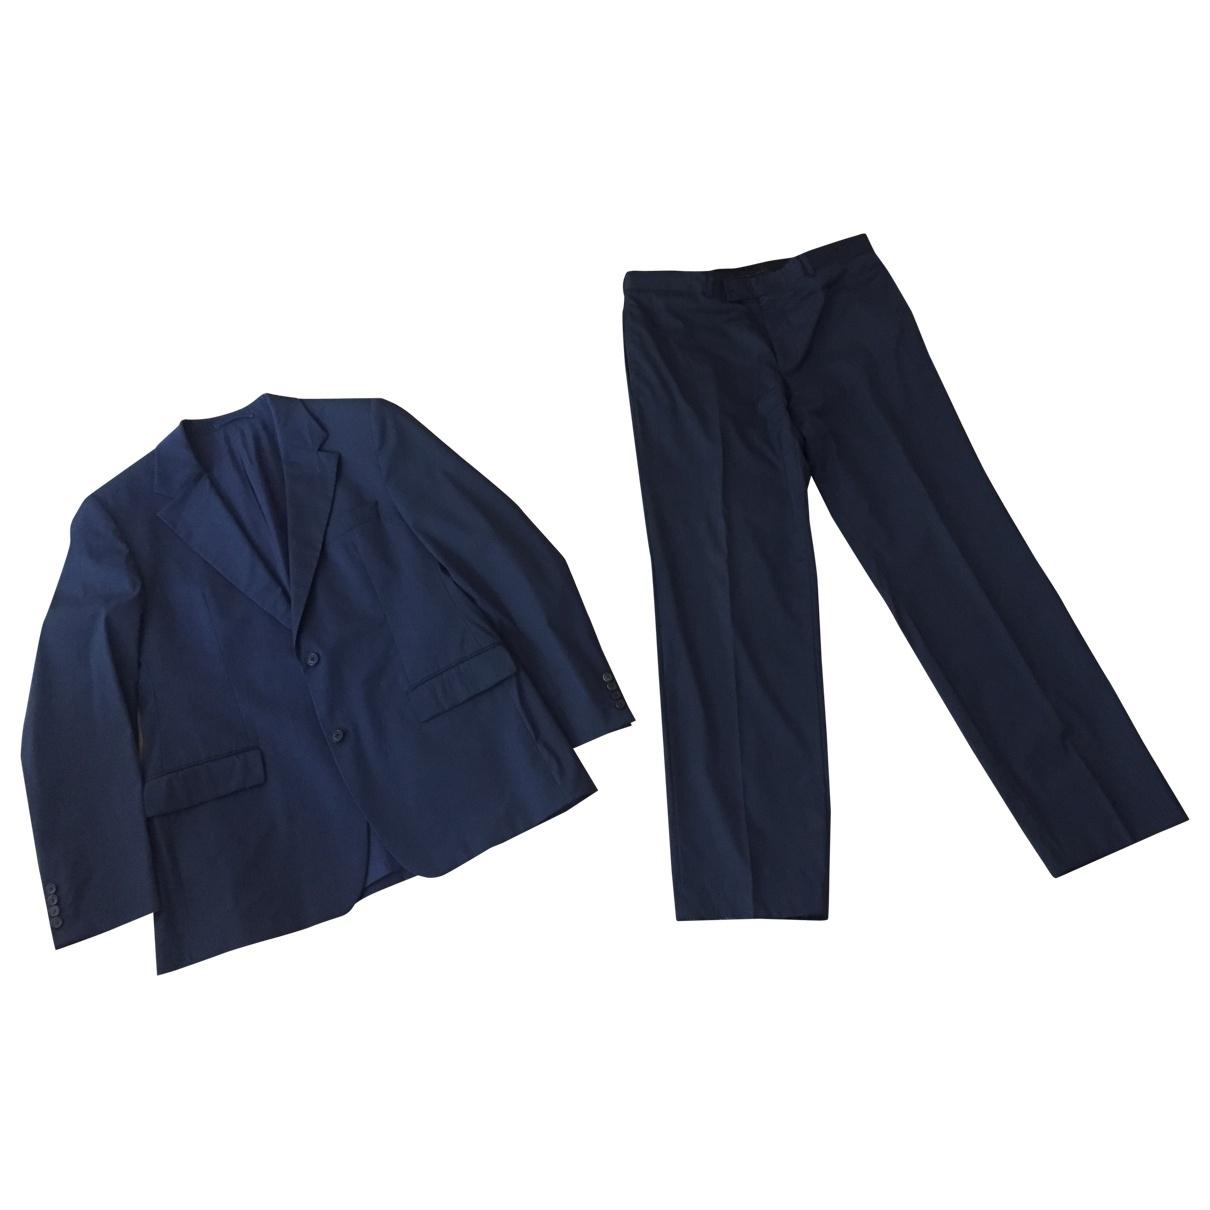 Hugo Boss - Costumes   pour homme en laine - bleu